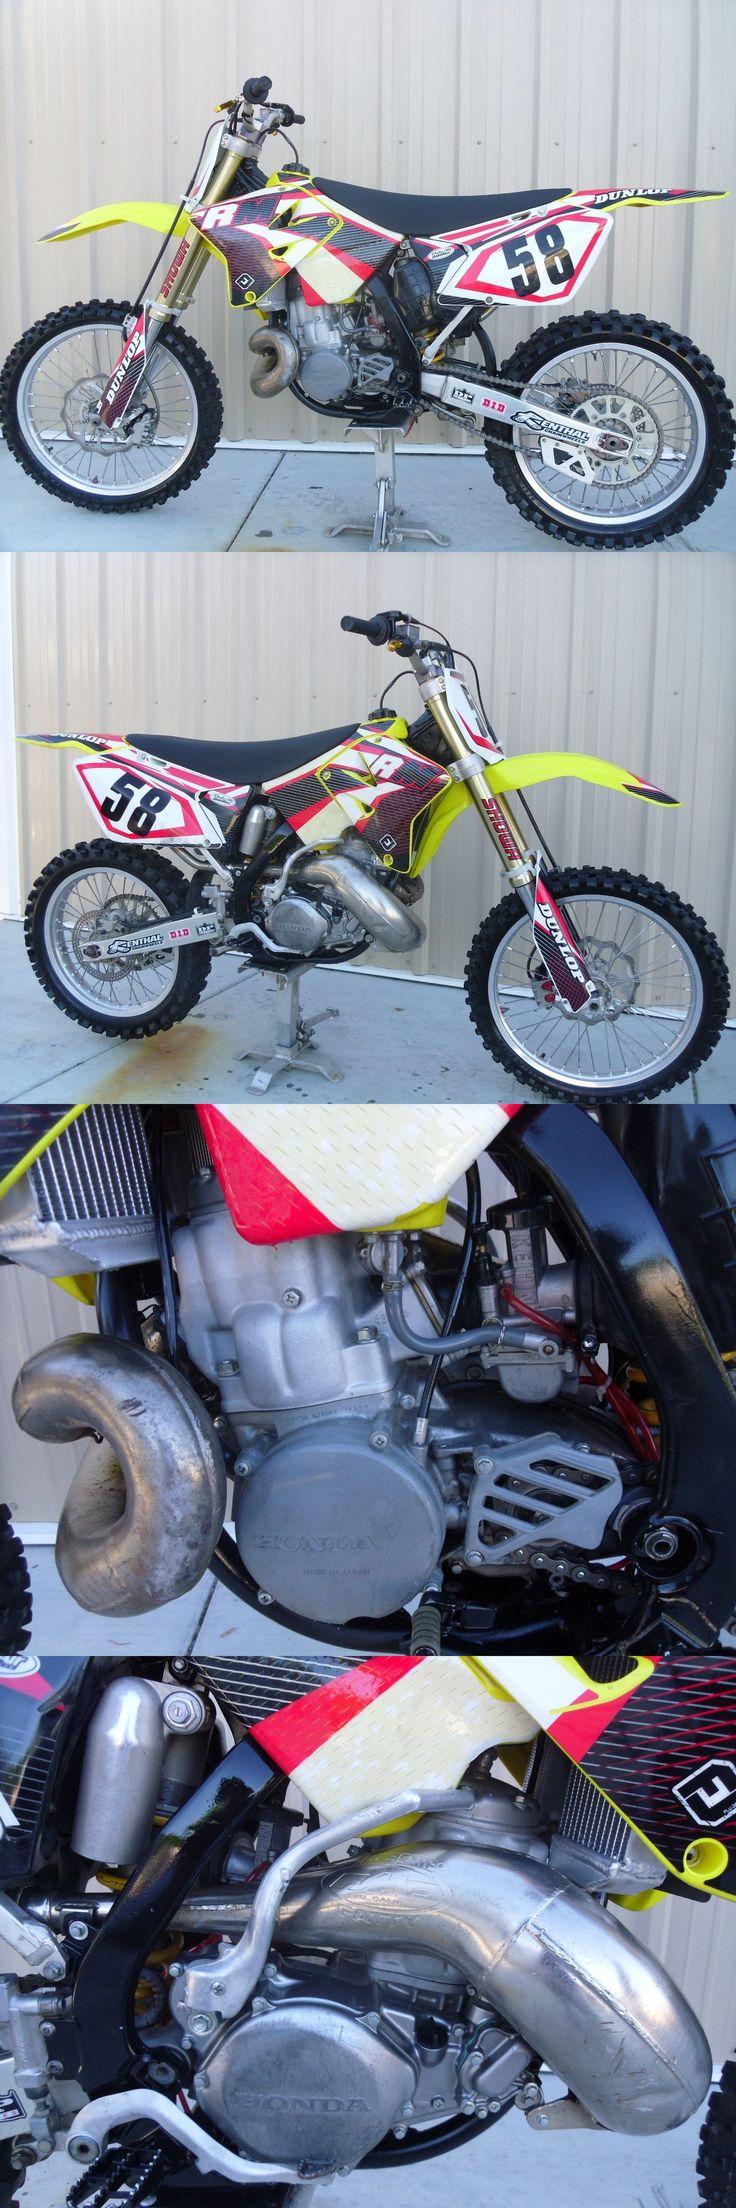 Motorcycles: 2005 Honda Cr 2005 Rm500 Rm250 Frame W 1997 Honda Cr500 2 Stroke Motor Engine Motor Socal -> BUY IT NOW ONLY: $3800 on eBay!